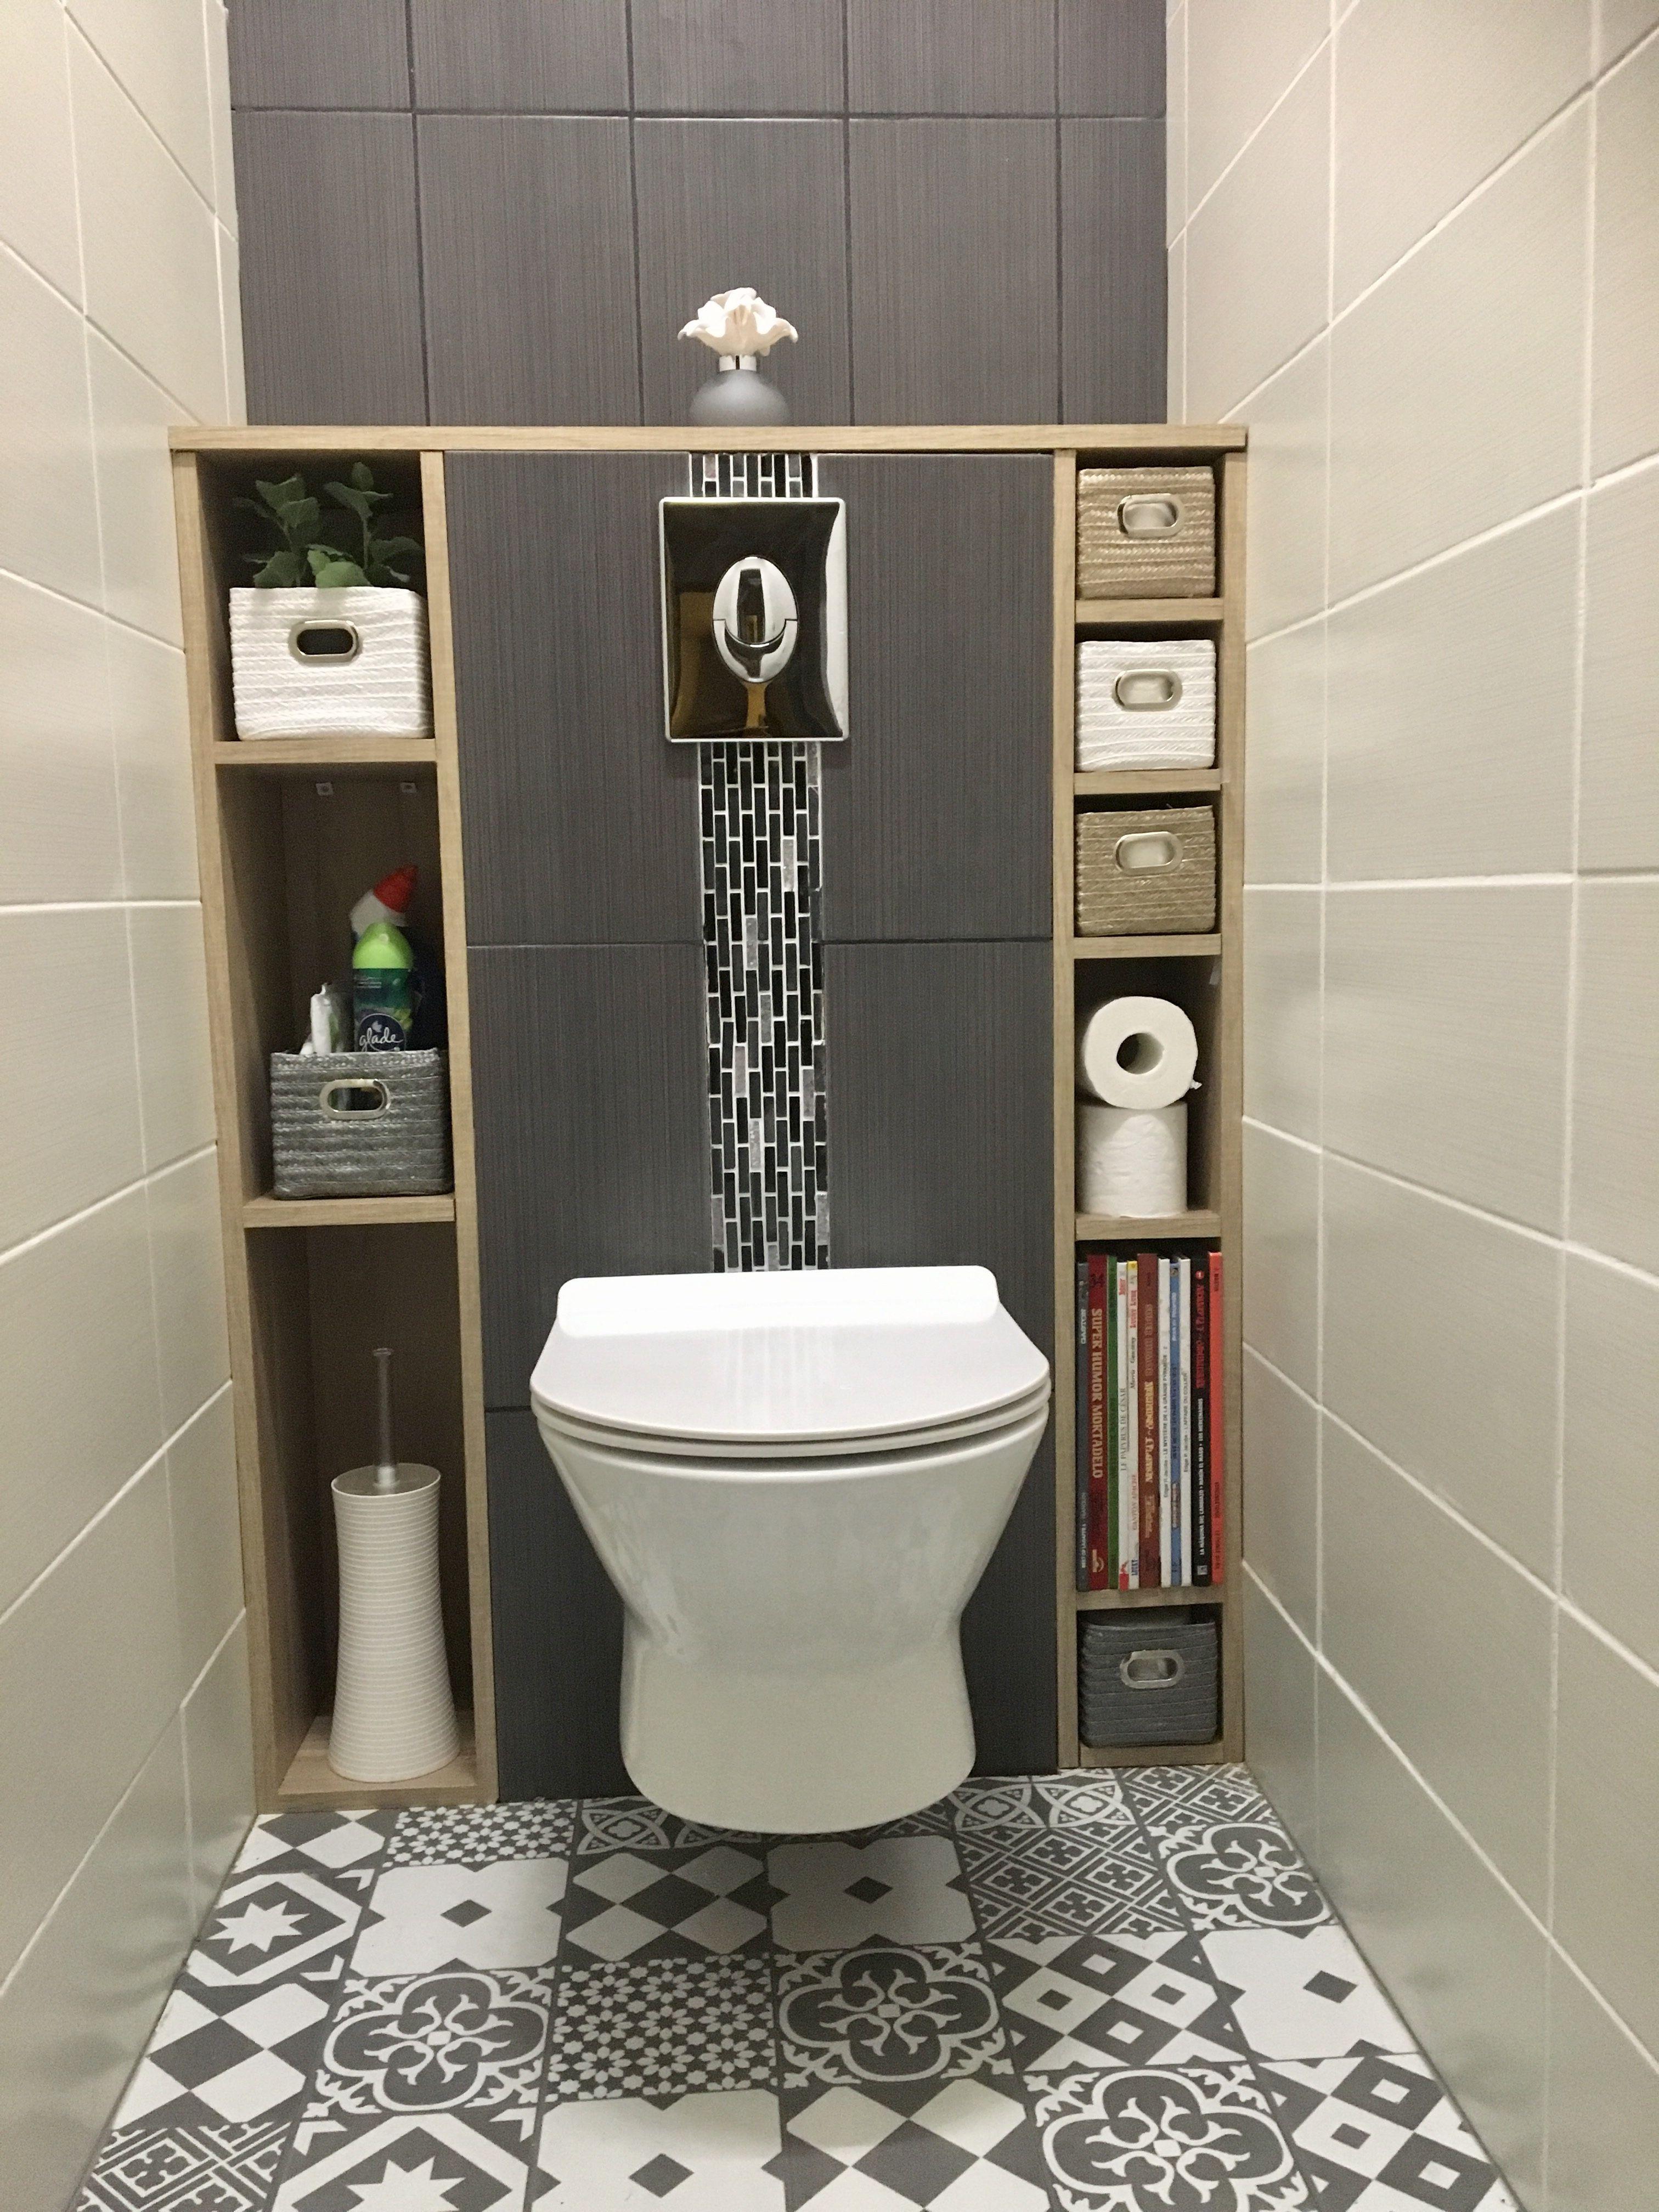 #Wc#Suspendu#Carreaux#Ciment#Blanc#White#Gris#Grey#Tiles# à Toilette Suspendu Leroy Merlin